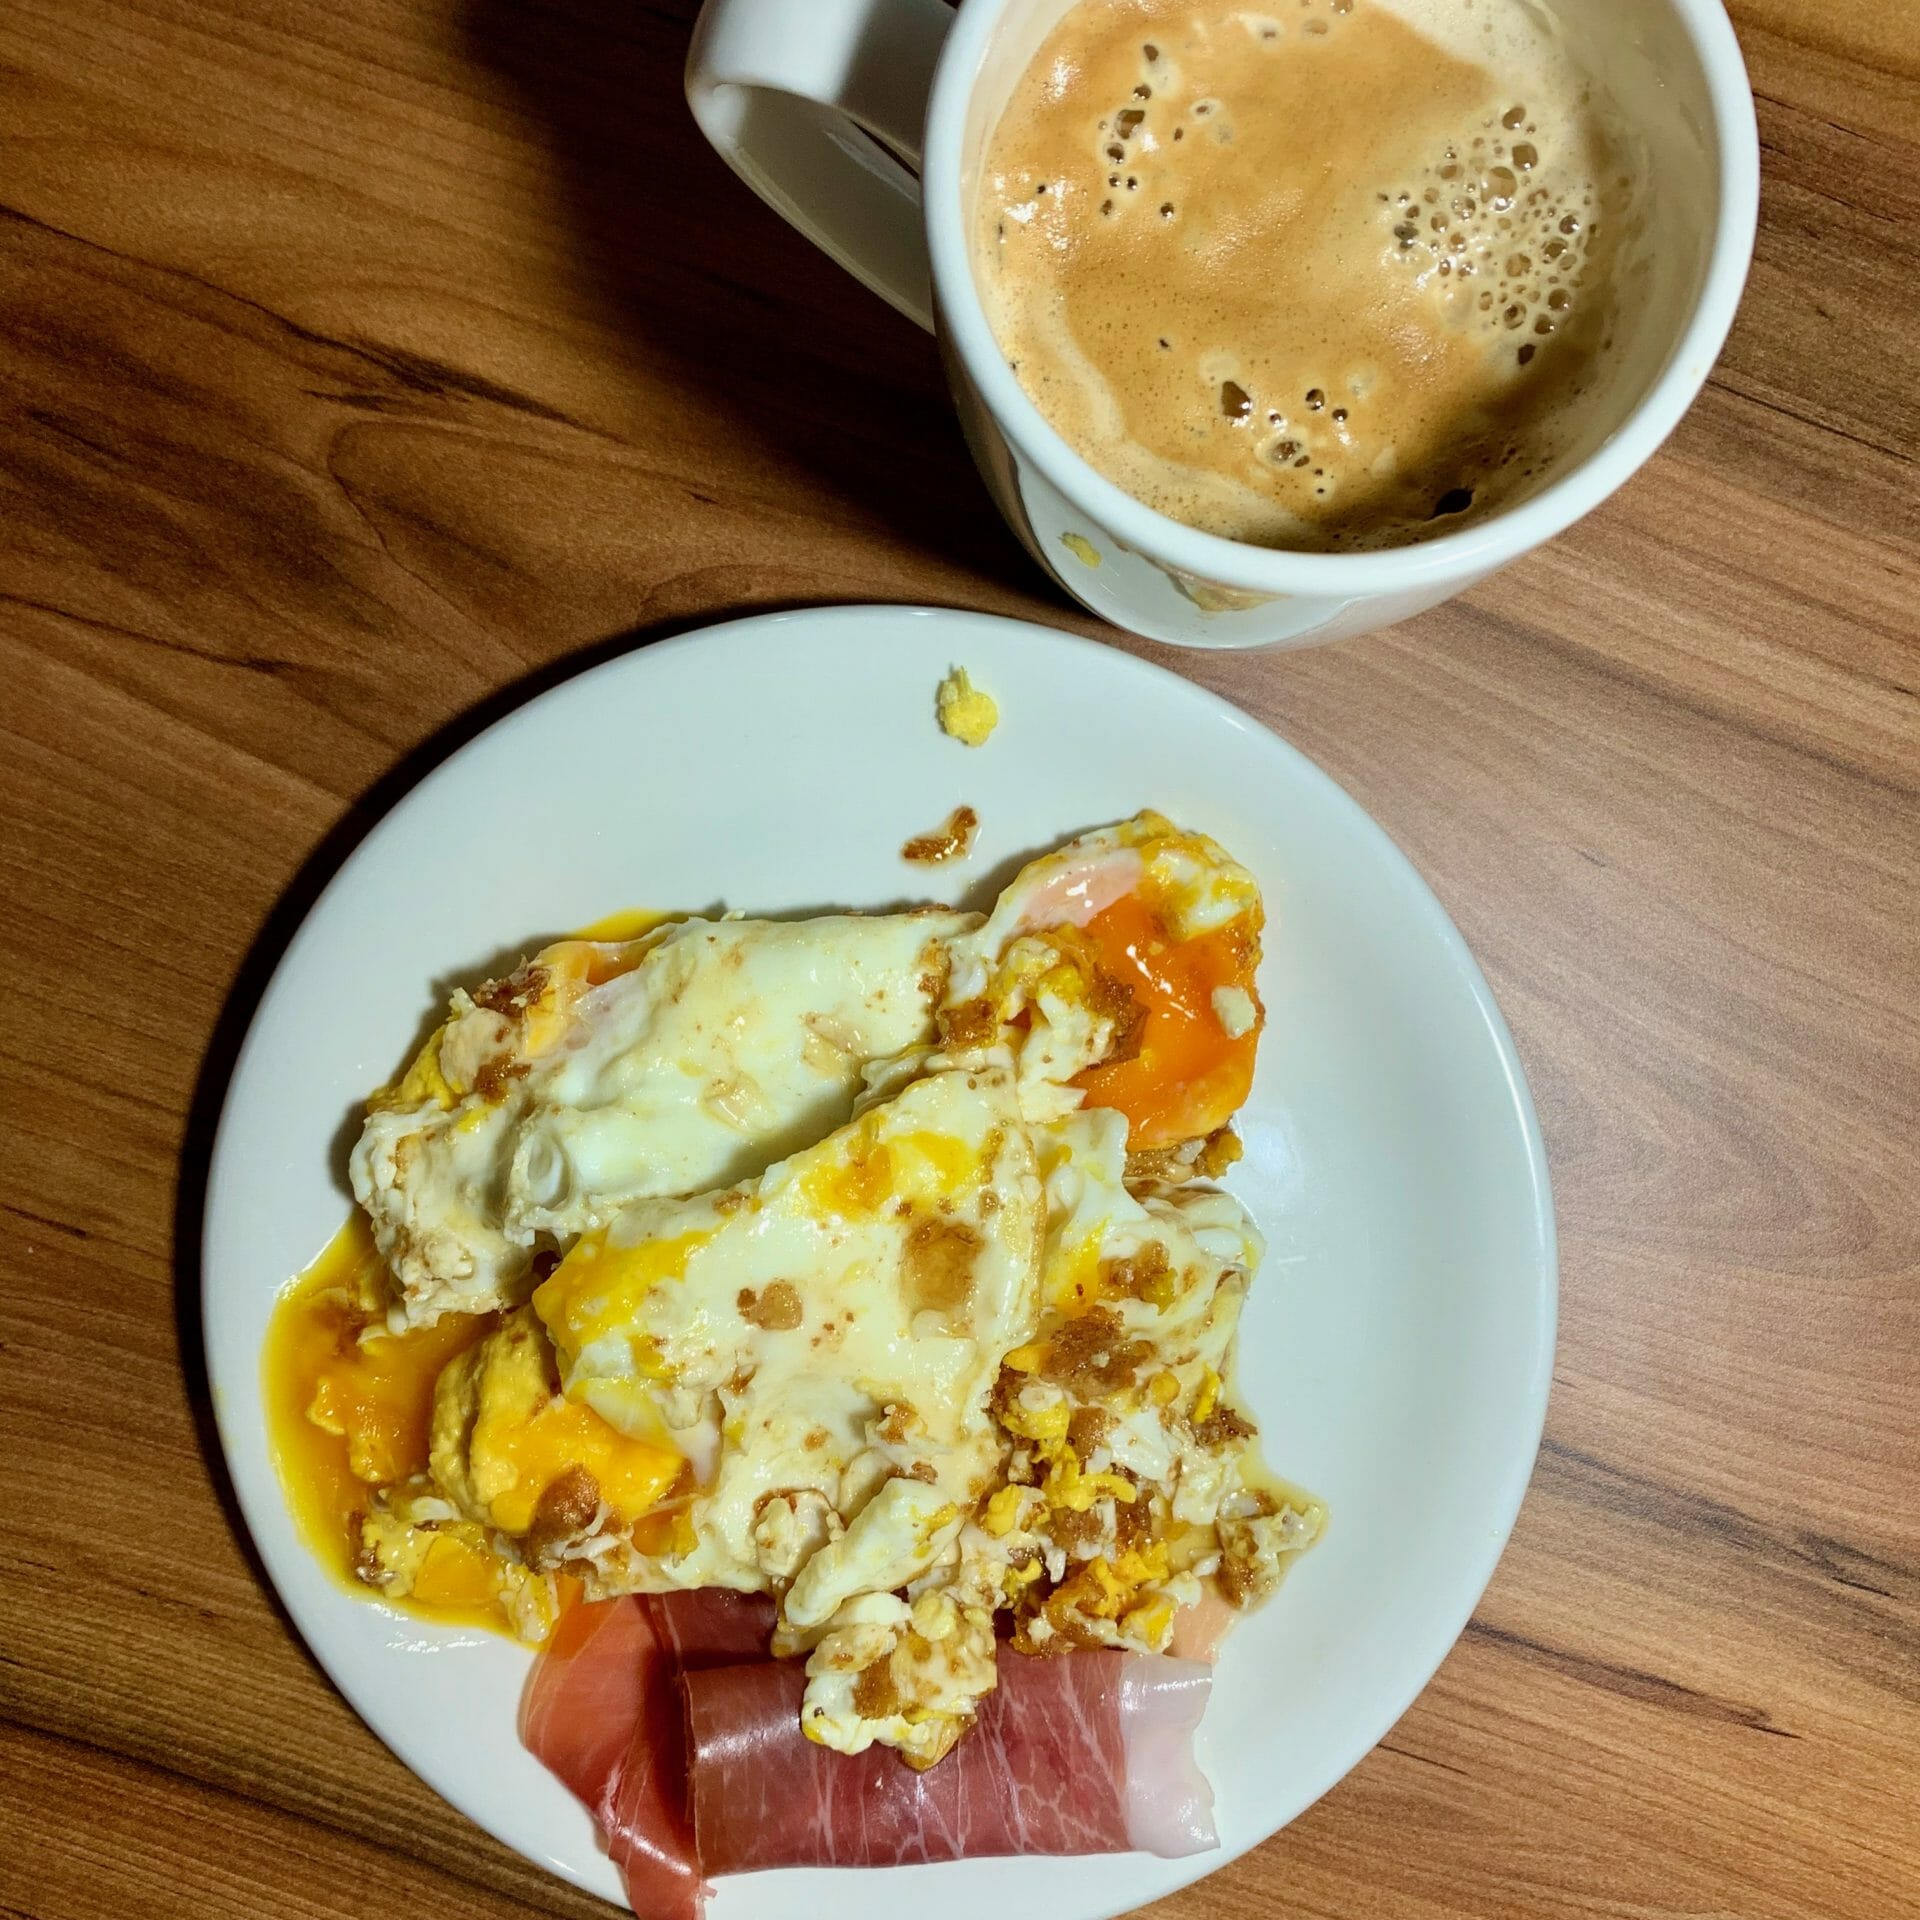 Scrambled eggs with prosciutto